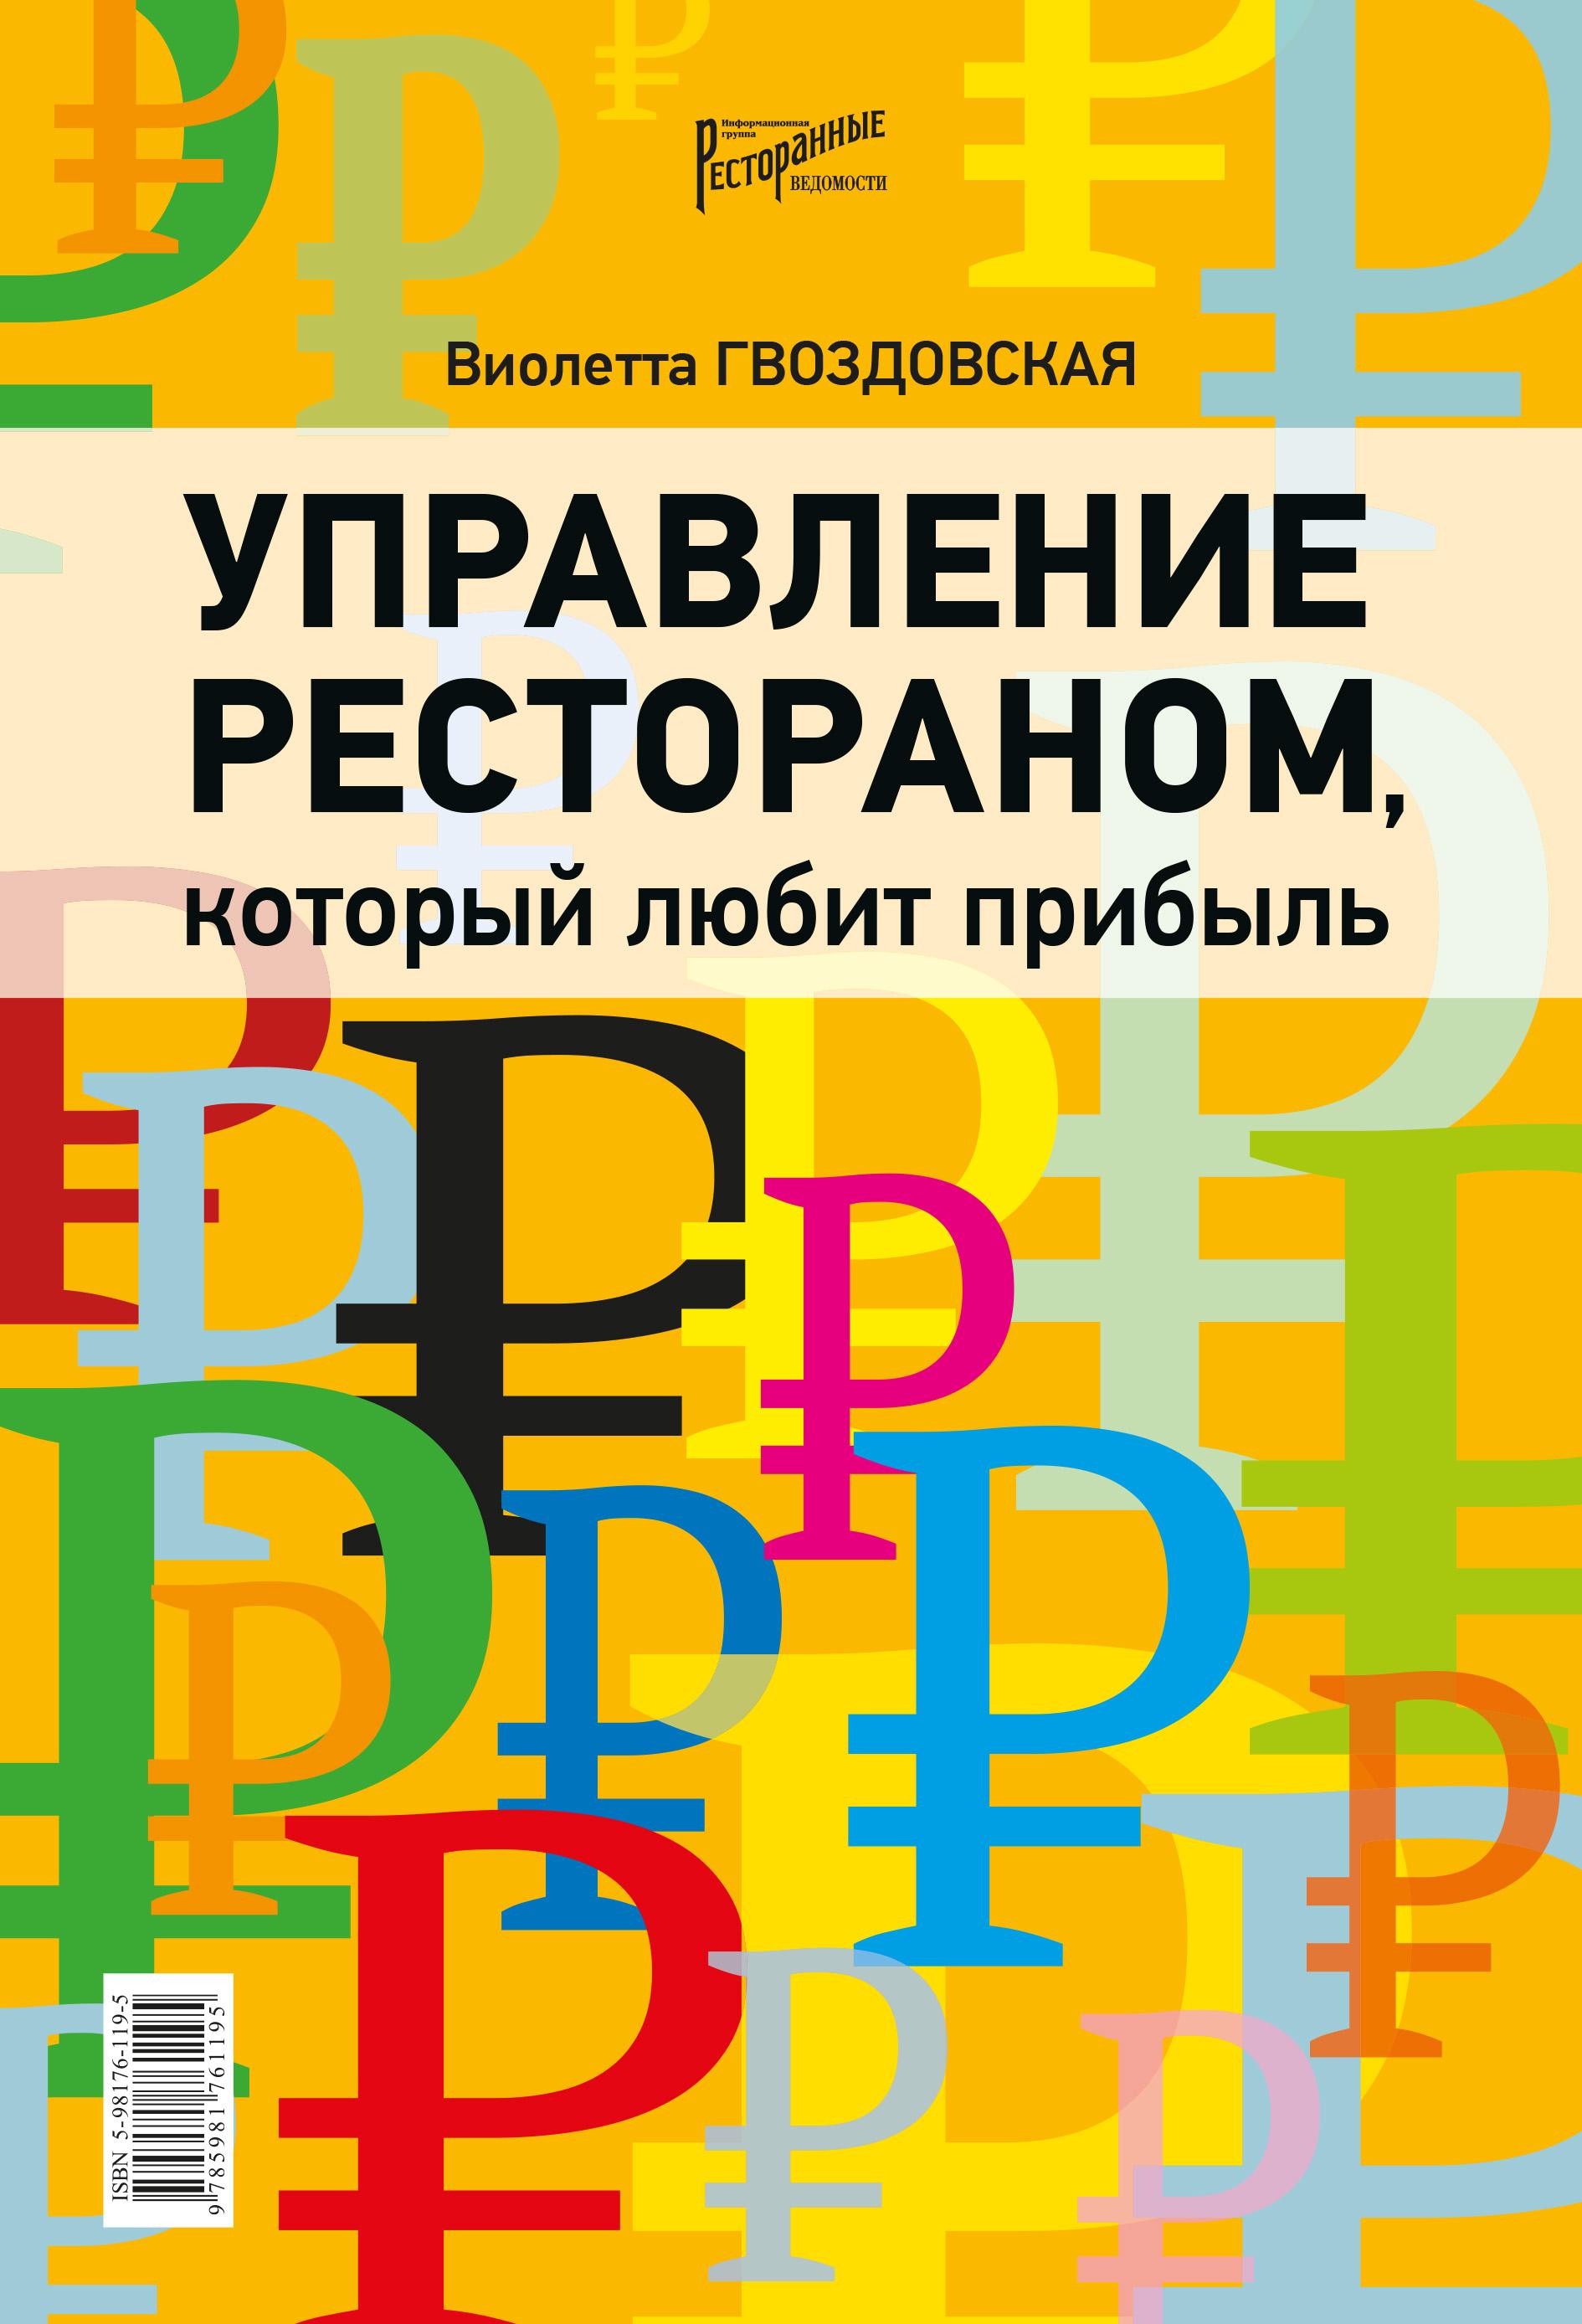 Купить книгу Управление рестораном, который любит прибыль, автора Виолетты Гвоздовской